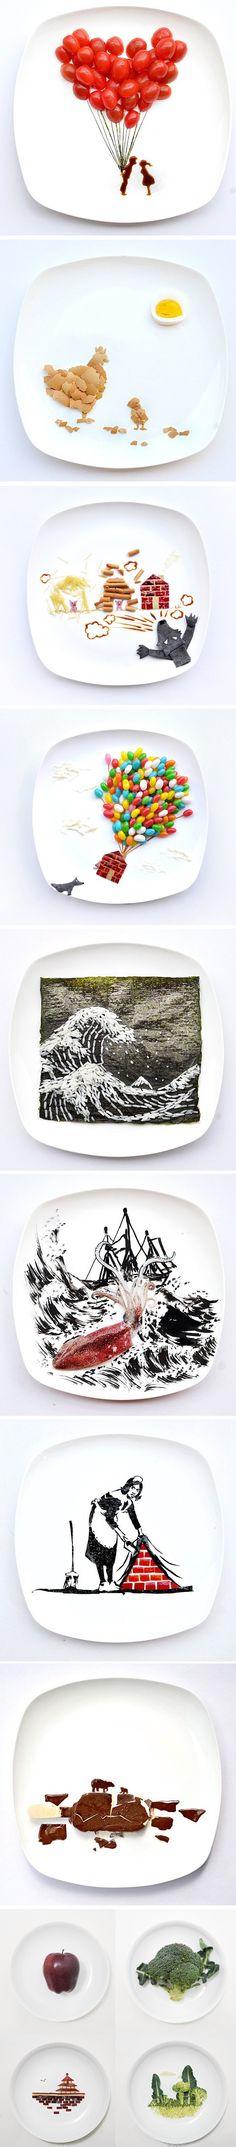 1 jour = 1 oeuvre dans l'assiette 31 days of food art par Hong Yi